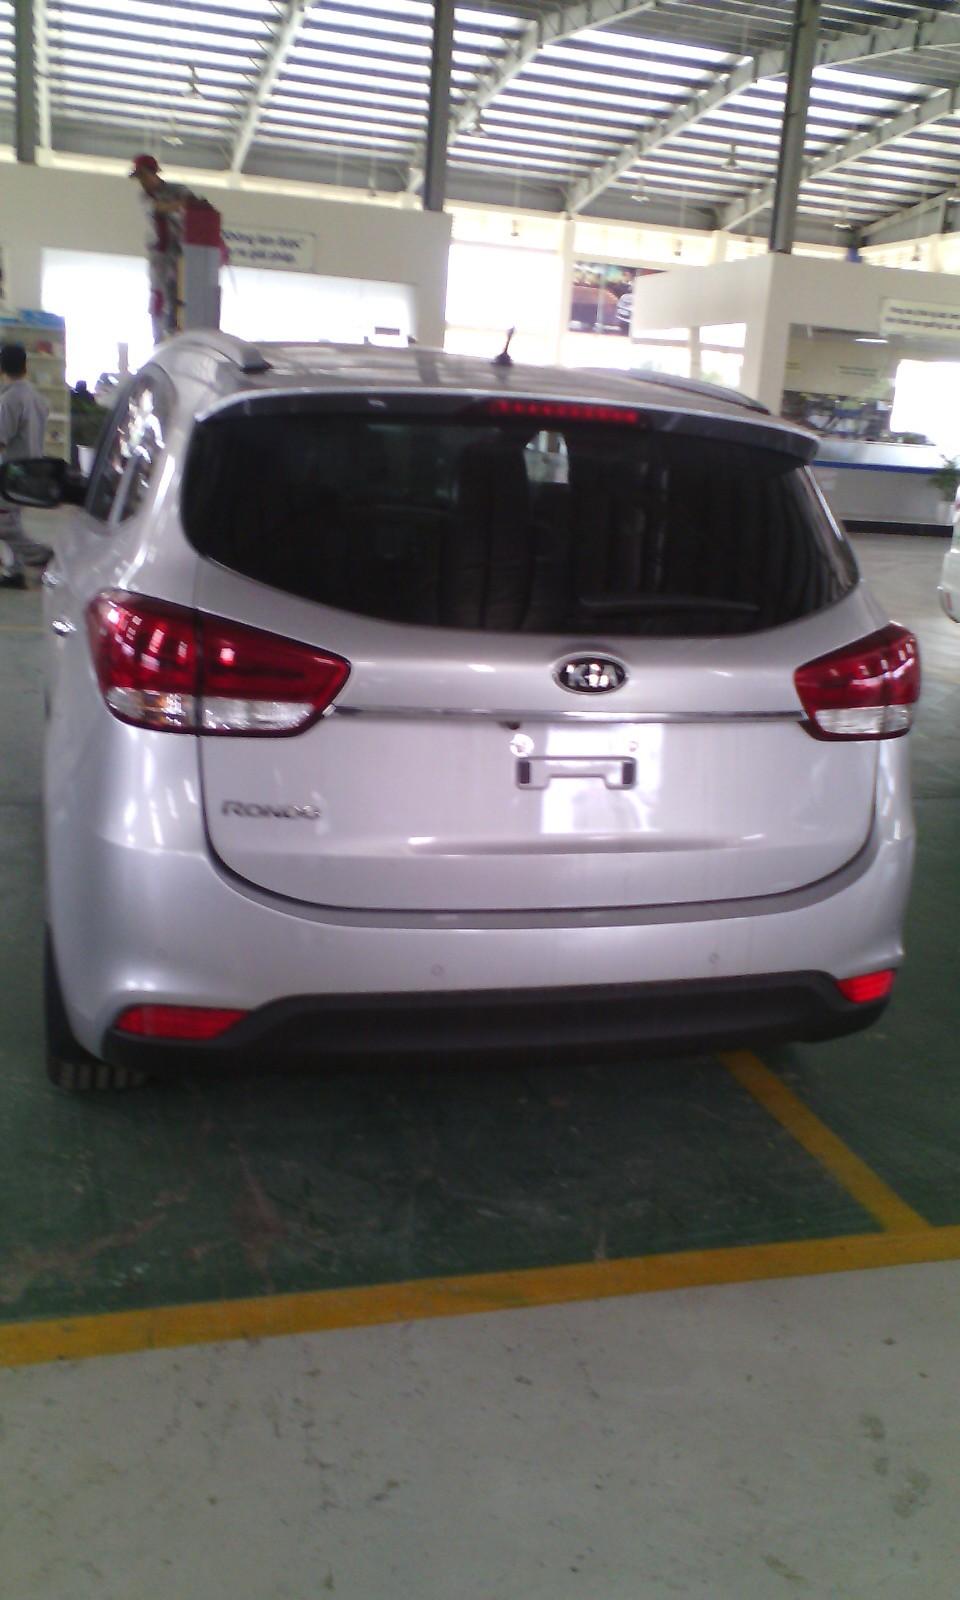 Bán xe Kia Rondo 2.0 GATH đời 2016, giá 769tr